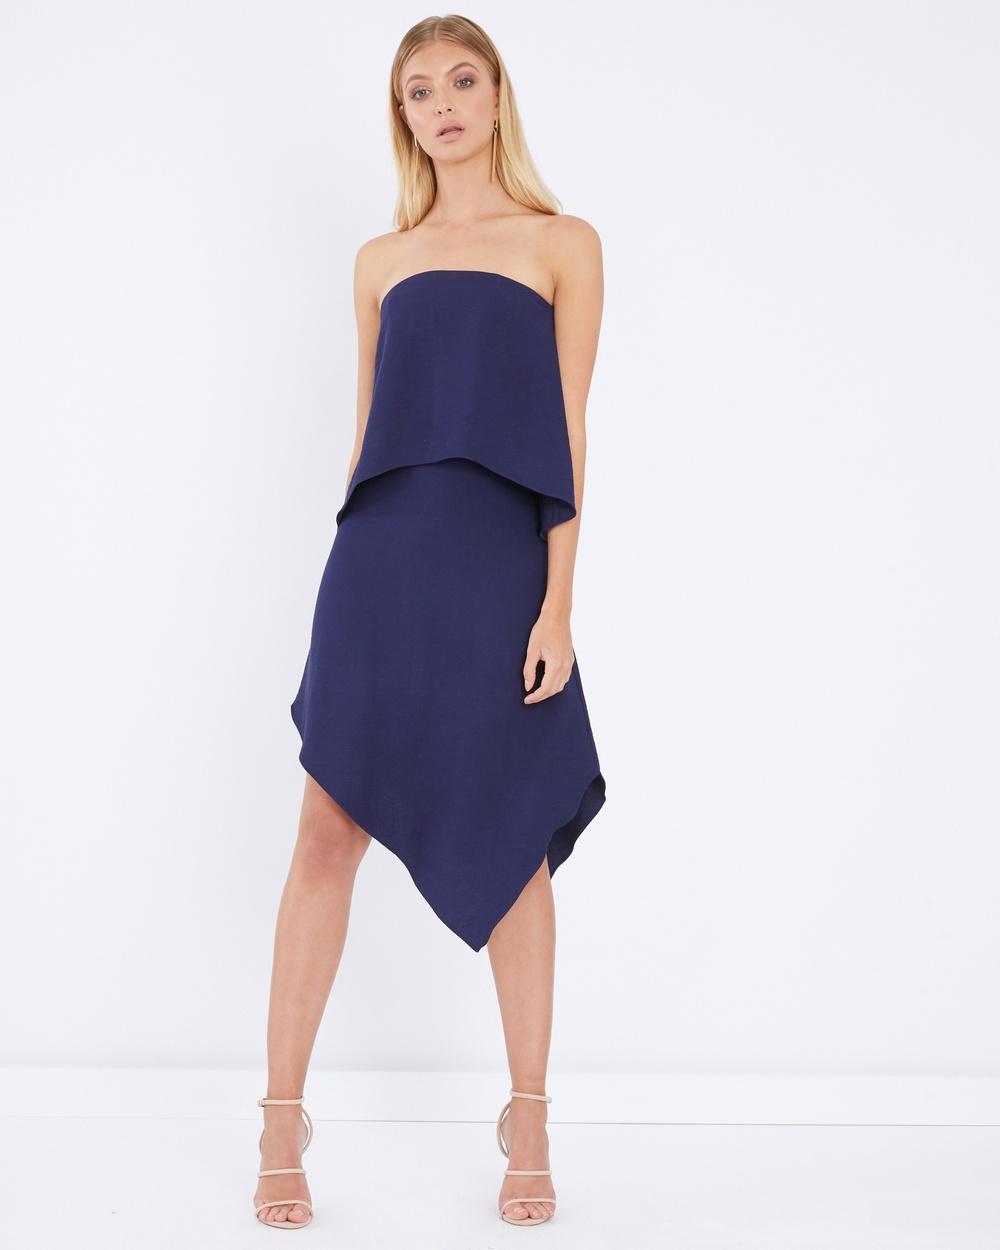 Tussah Tassie Midi Dress Bridesmaid Dresses Navy Tassie Midi Dress